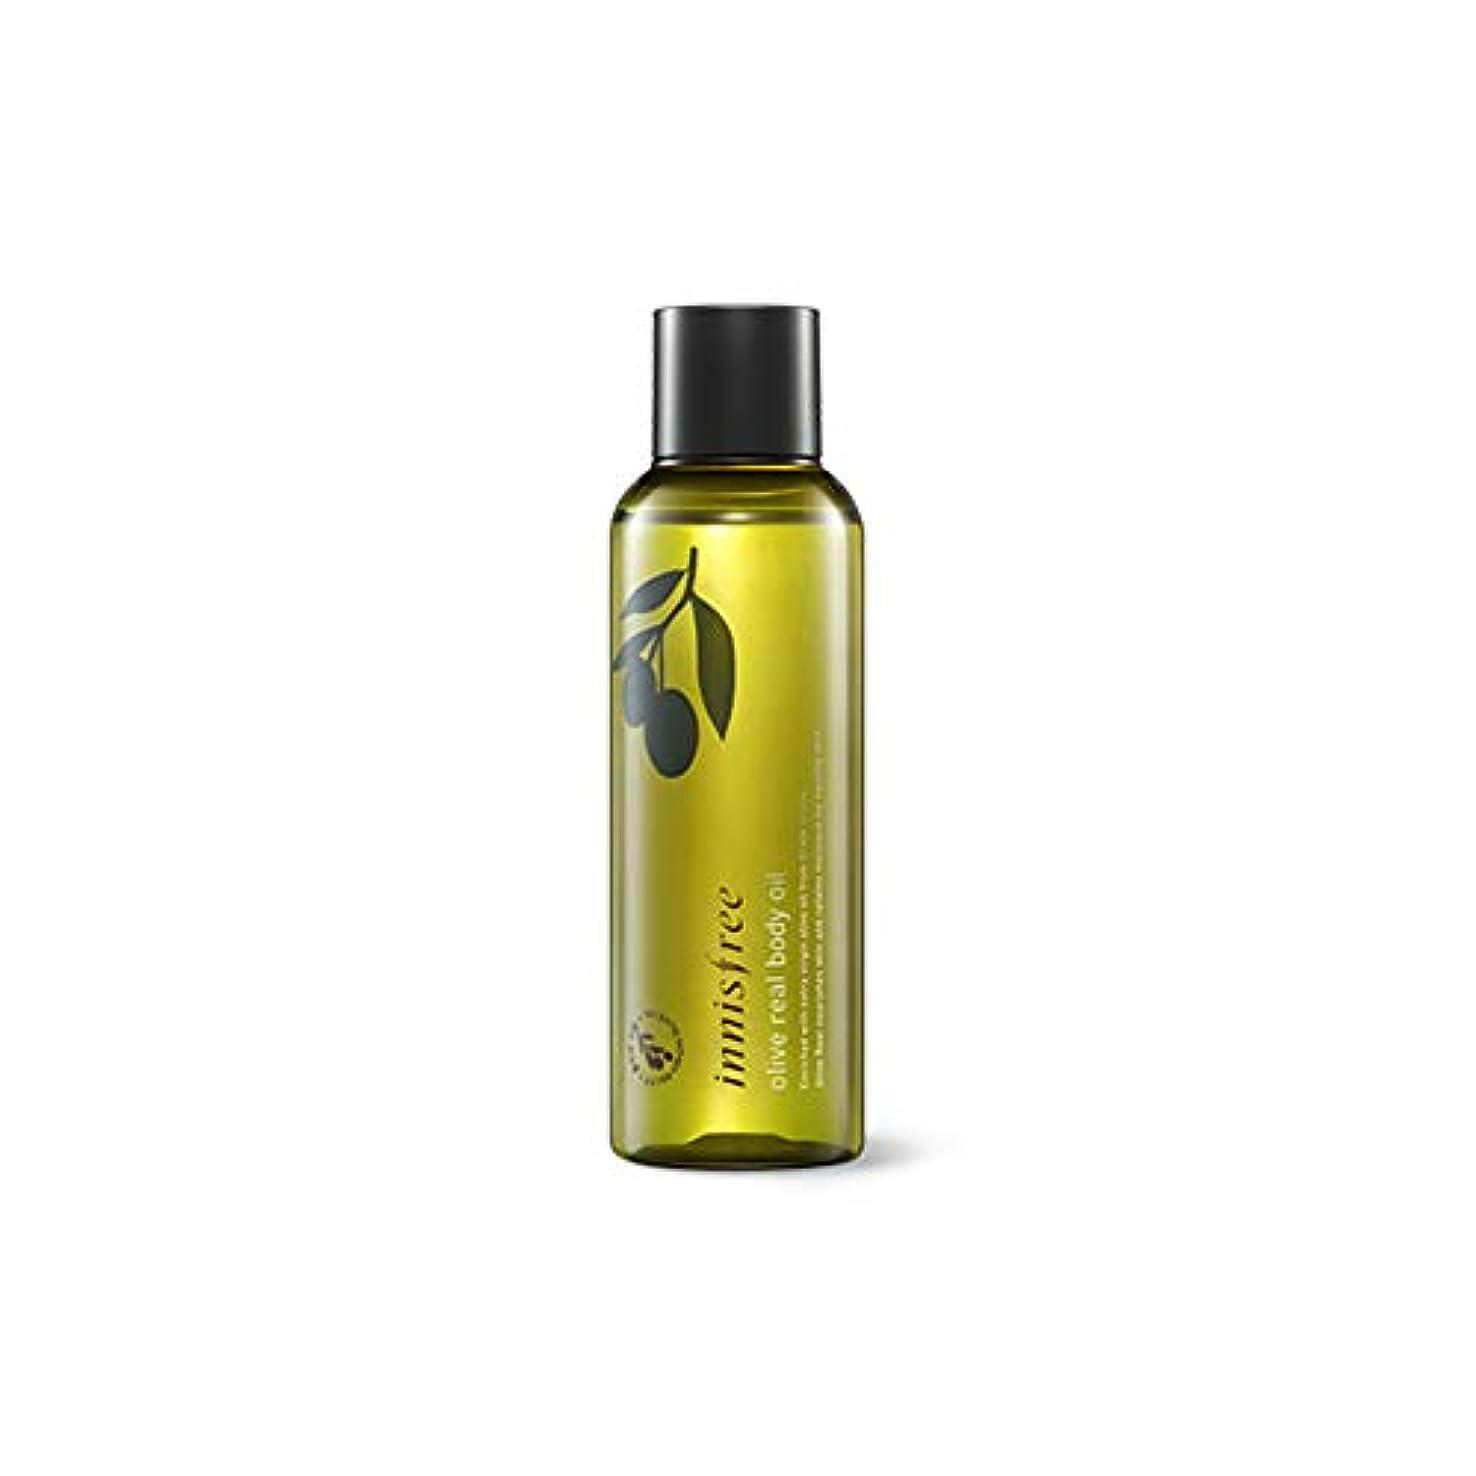 フルーティーパリティ計画的イニスフリー Innisfree オリーブリアルボディーオイル(150ml) Innisfree Olive Real Body Oil(150ml) [海外直送品]